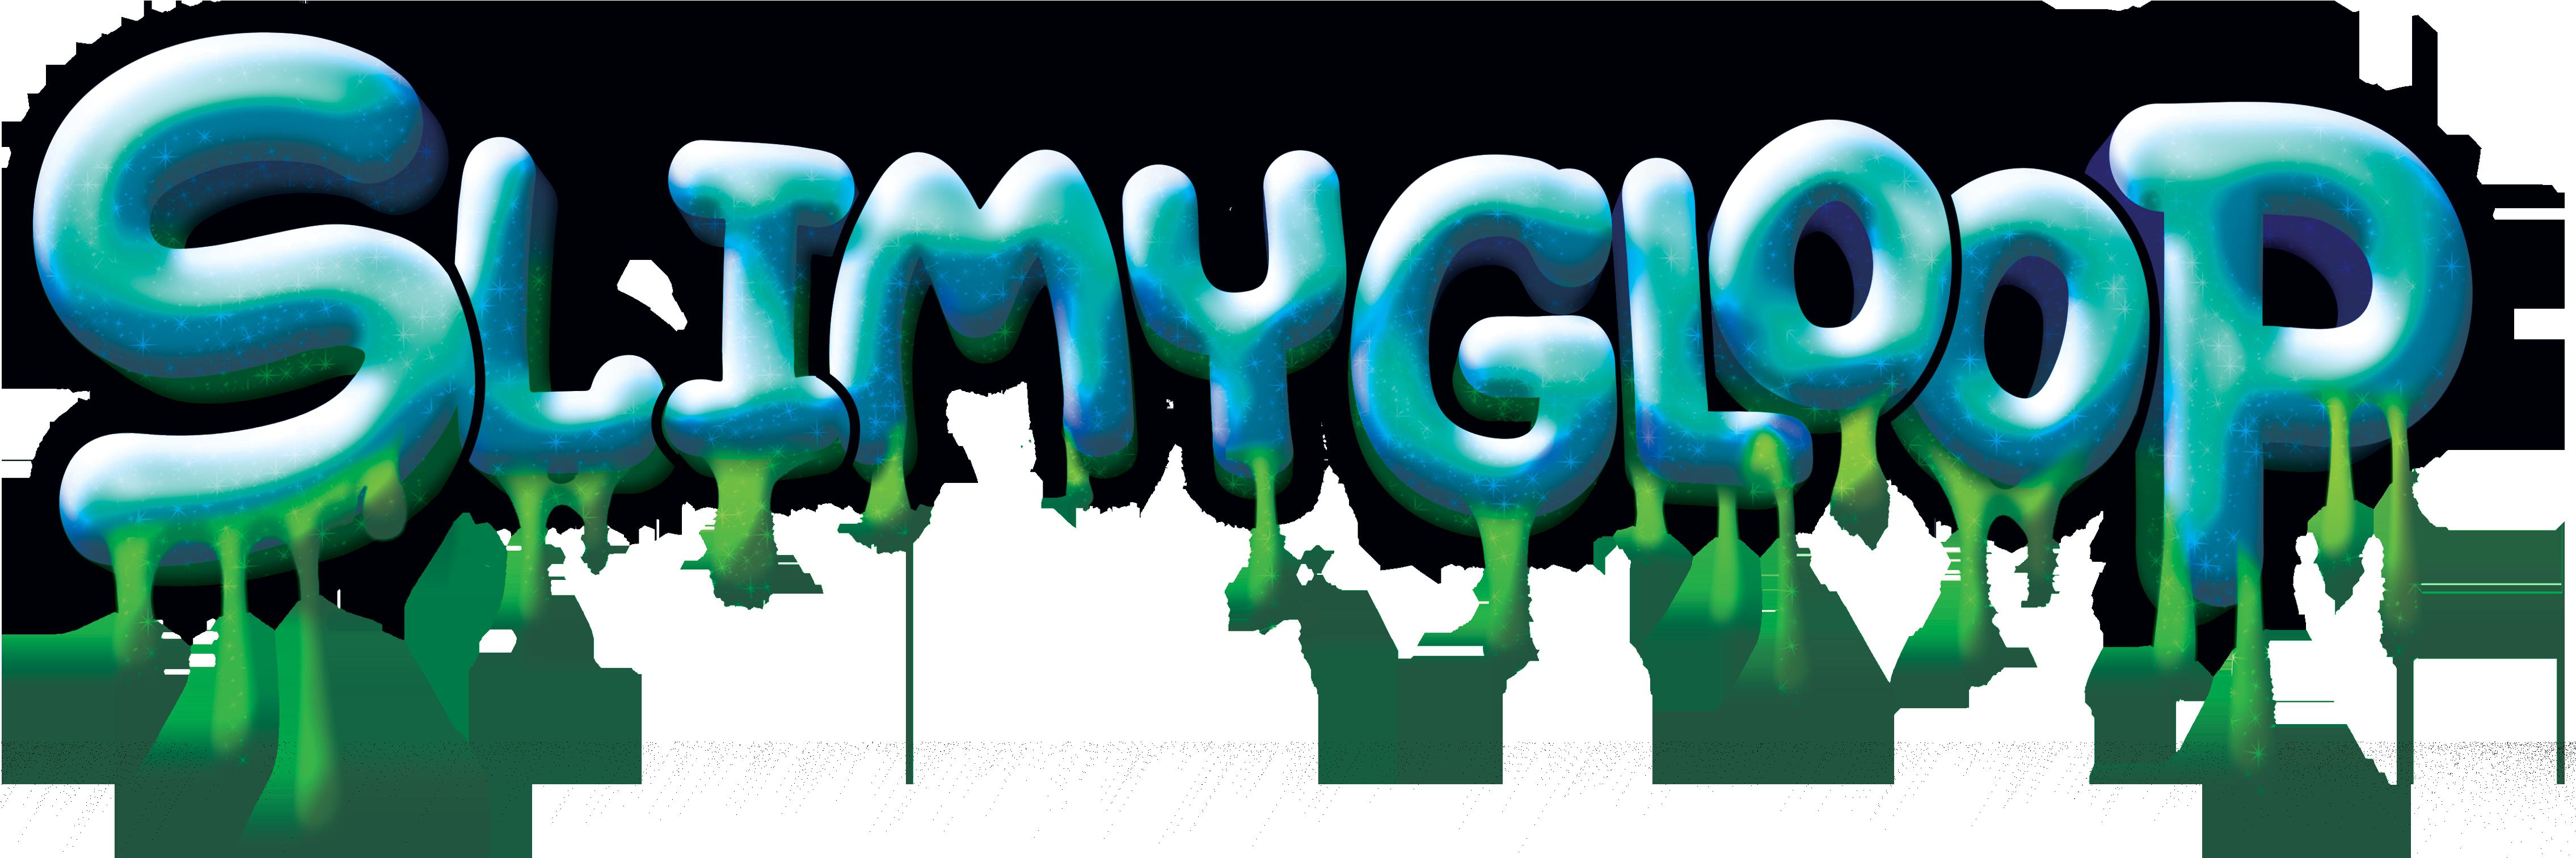 How To Make A Slime Shop Logo